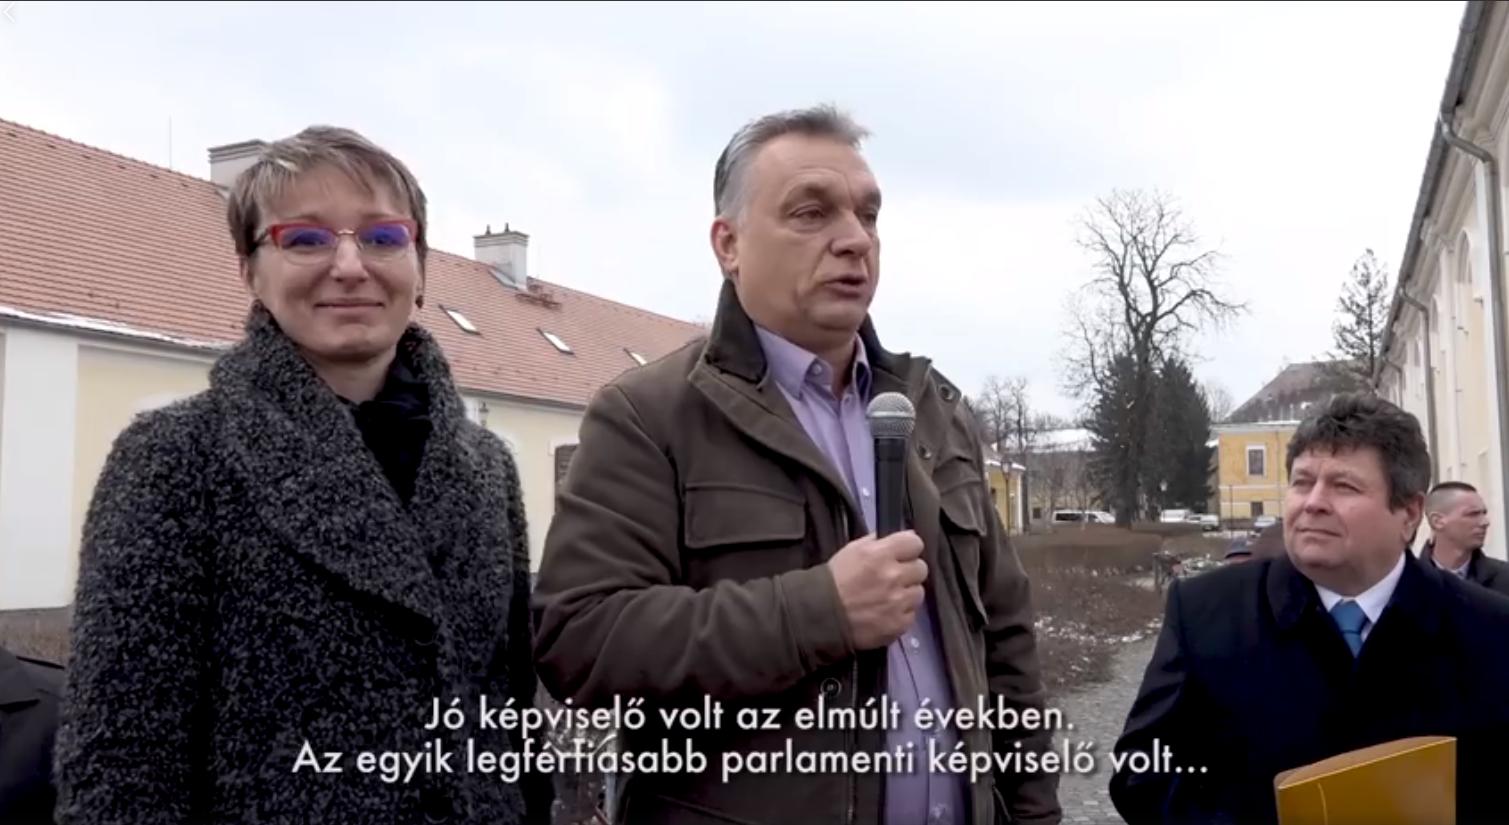 Orbán azzal dicsérte meg a Fidesz képviselőjelölt-asszonyát, hogy az egyik legférfiasabb parlamenti képviselő volt